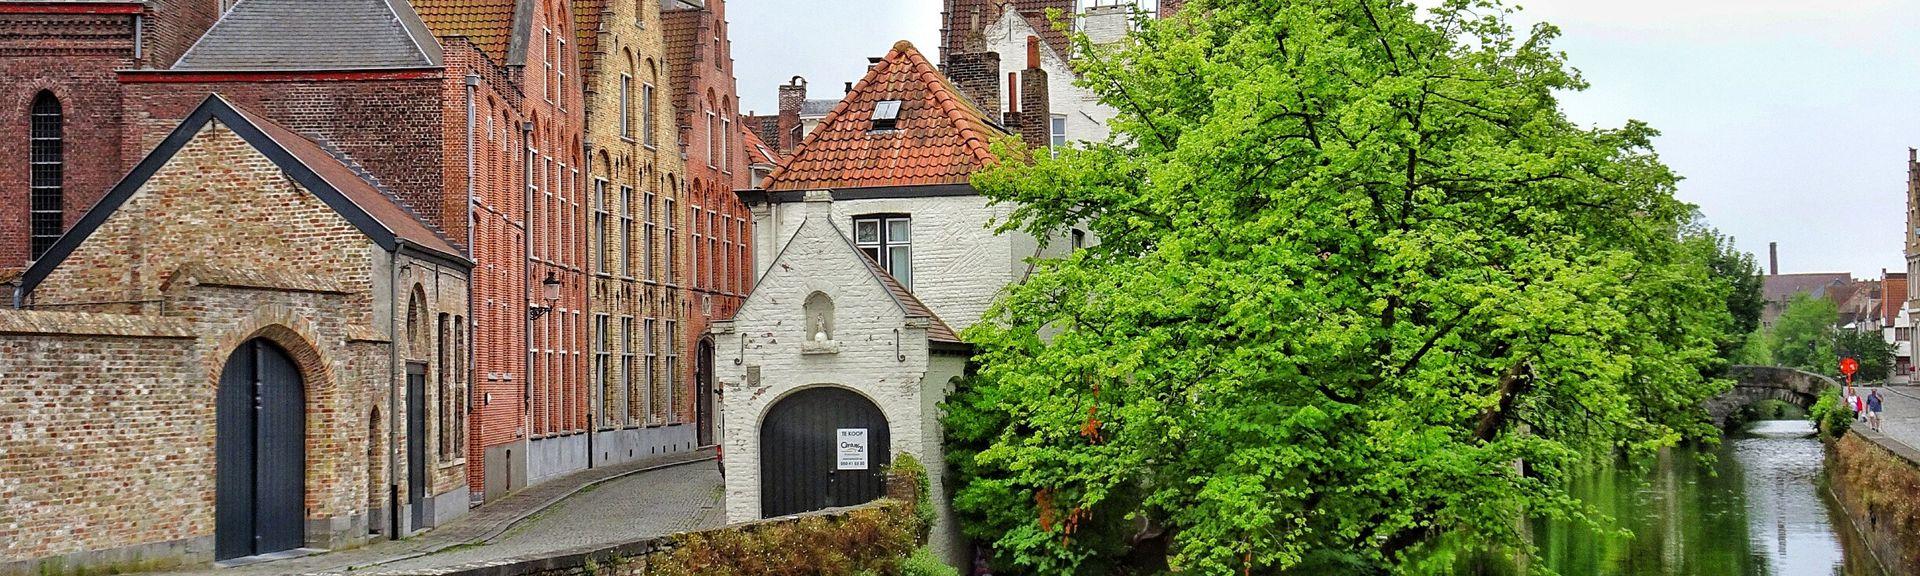 Kinepolis Bruges, Bruges, Região Flamenca, Bélgica